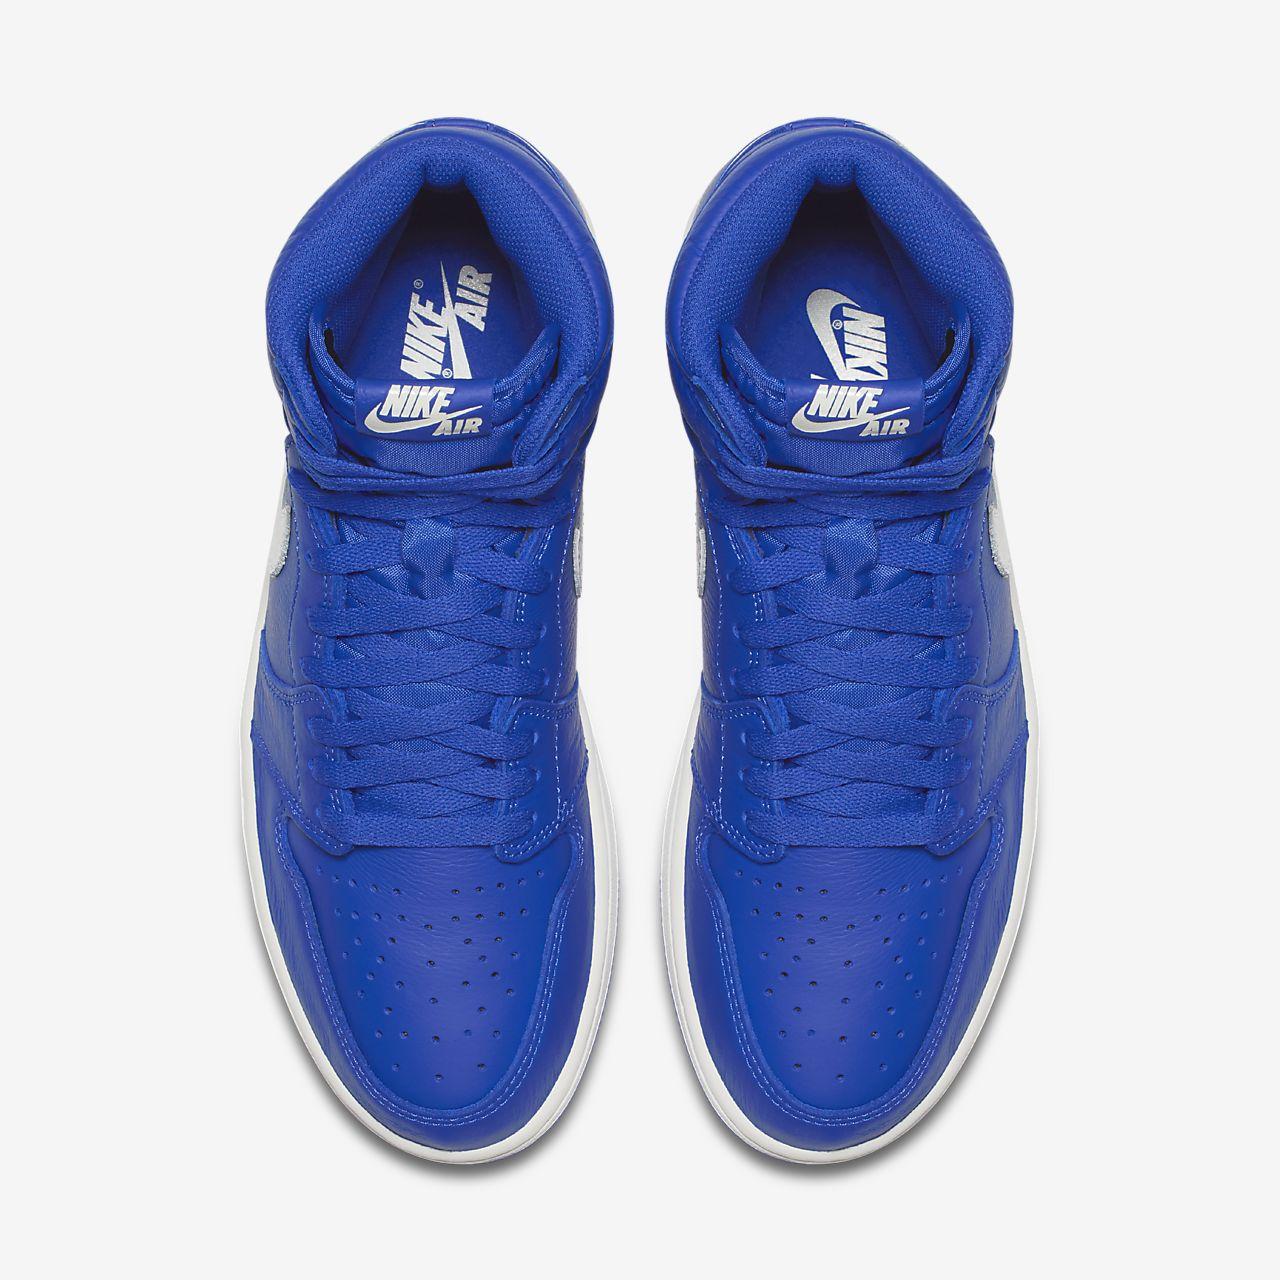 7699016fbc56a3 Air Jordan 1 Retro High OG Shoe. Nike.com LU